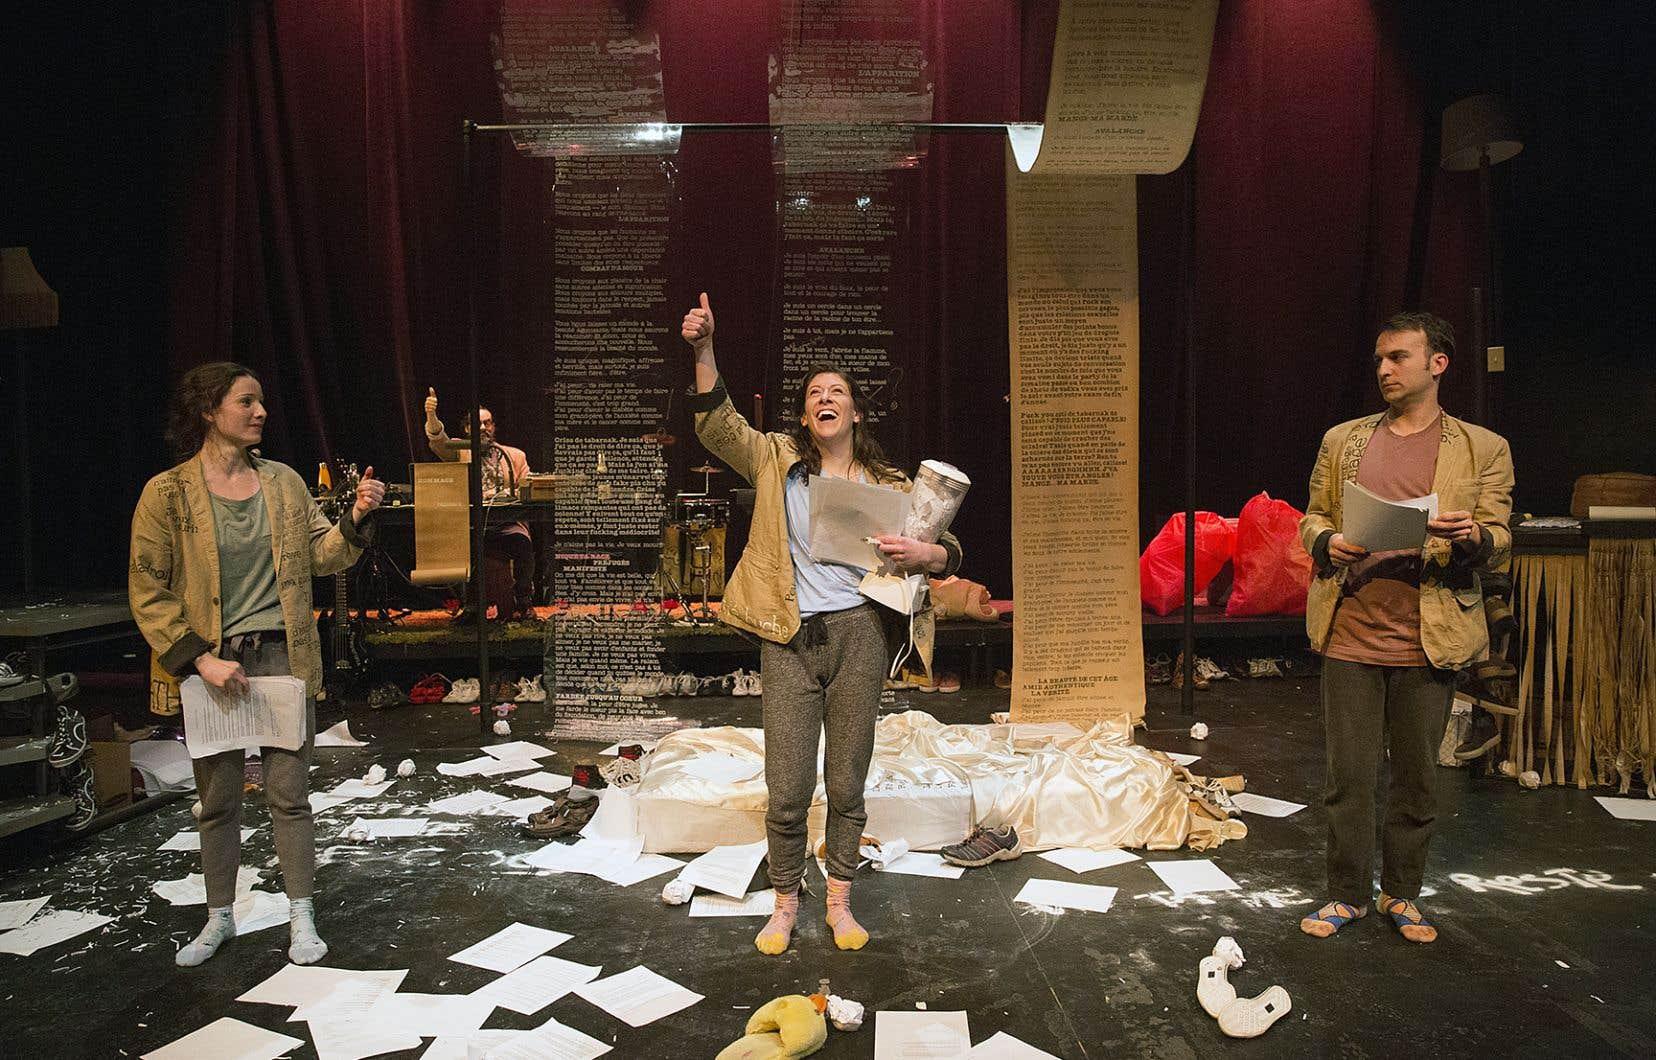 Soutenu par la musique de Nicolas Letarte-Bersianik, présent sur scène, le texte se scande, se chante, se narre, se danse.